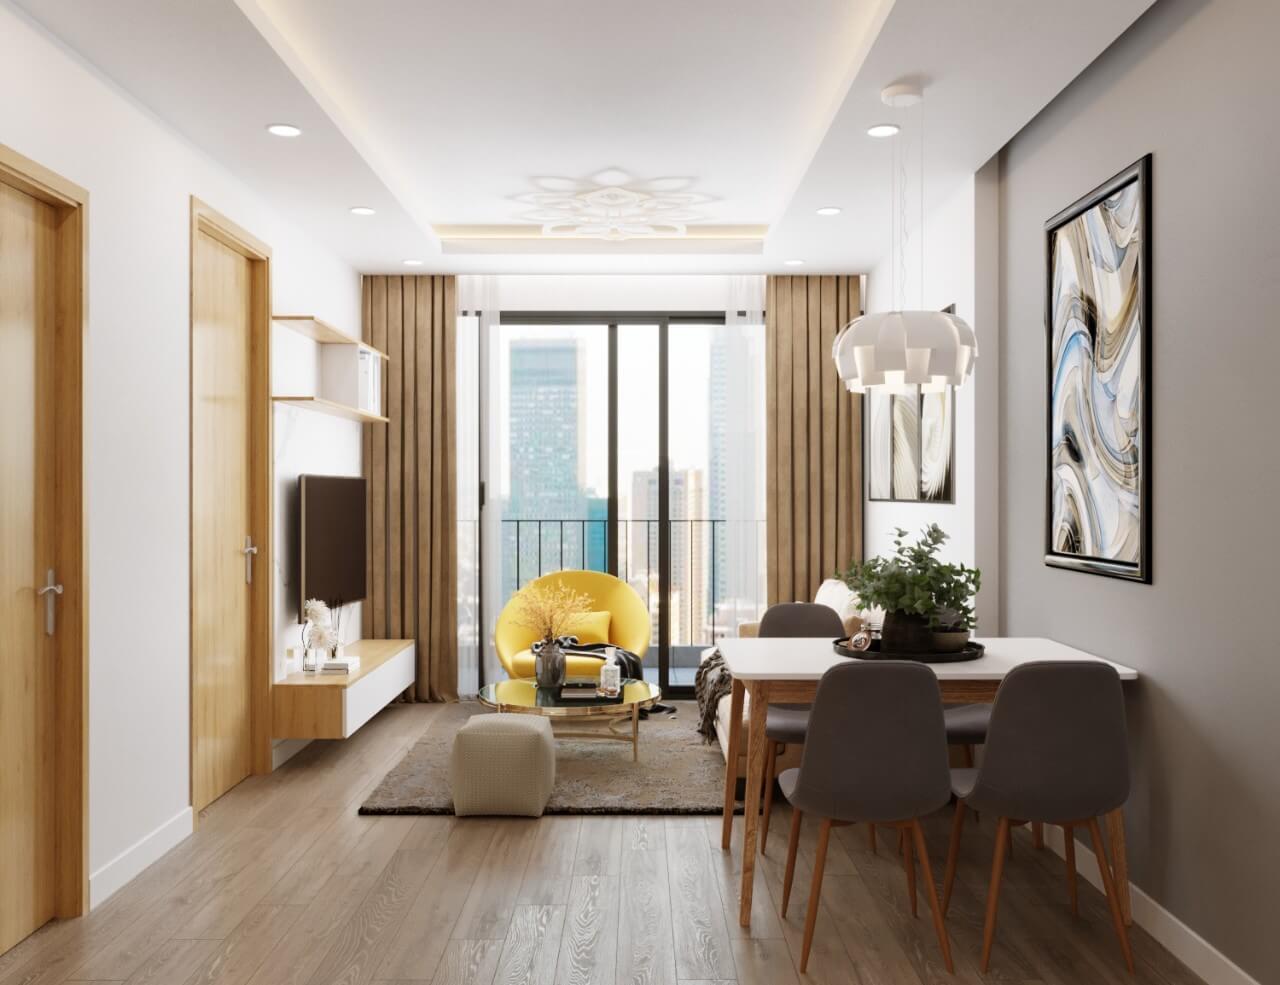 Báo giá hoàn thiện nội thất chung cư cho công trình đẹp như mơ 6